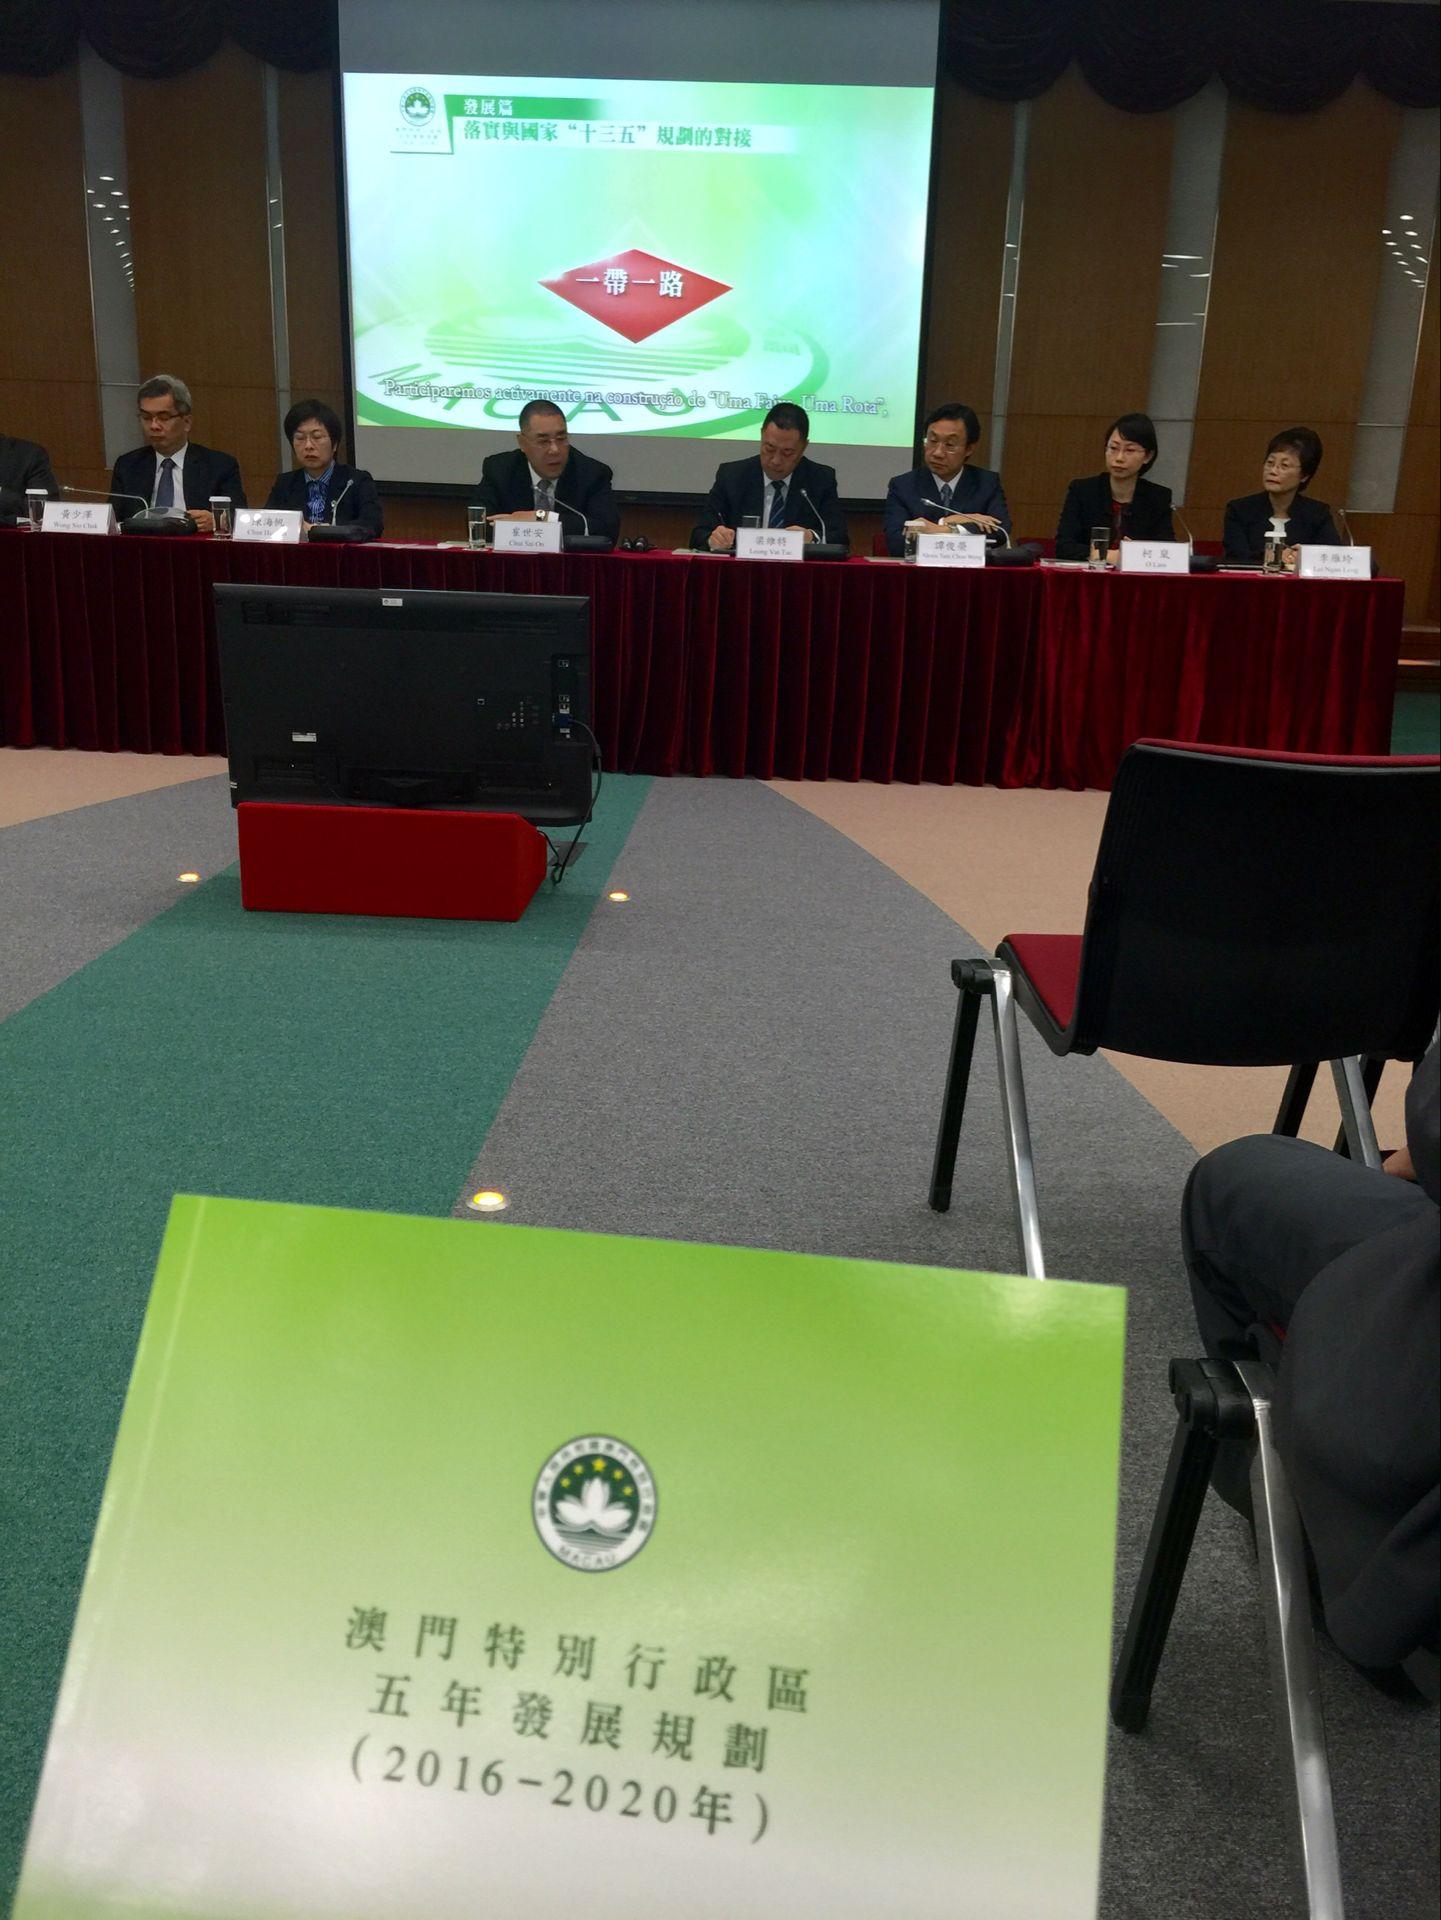 特區政府公布五年規劃正式文本